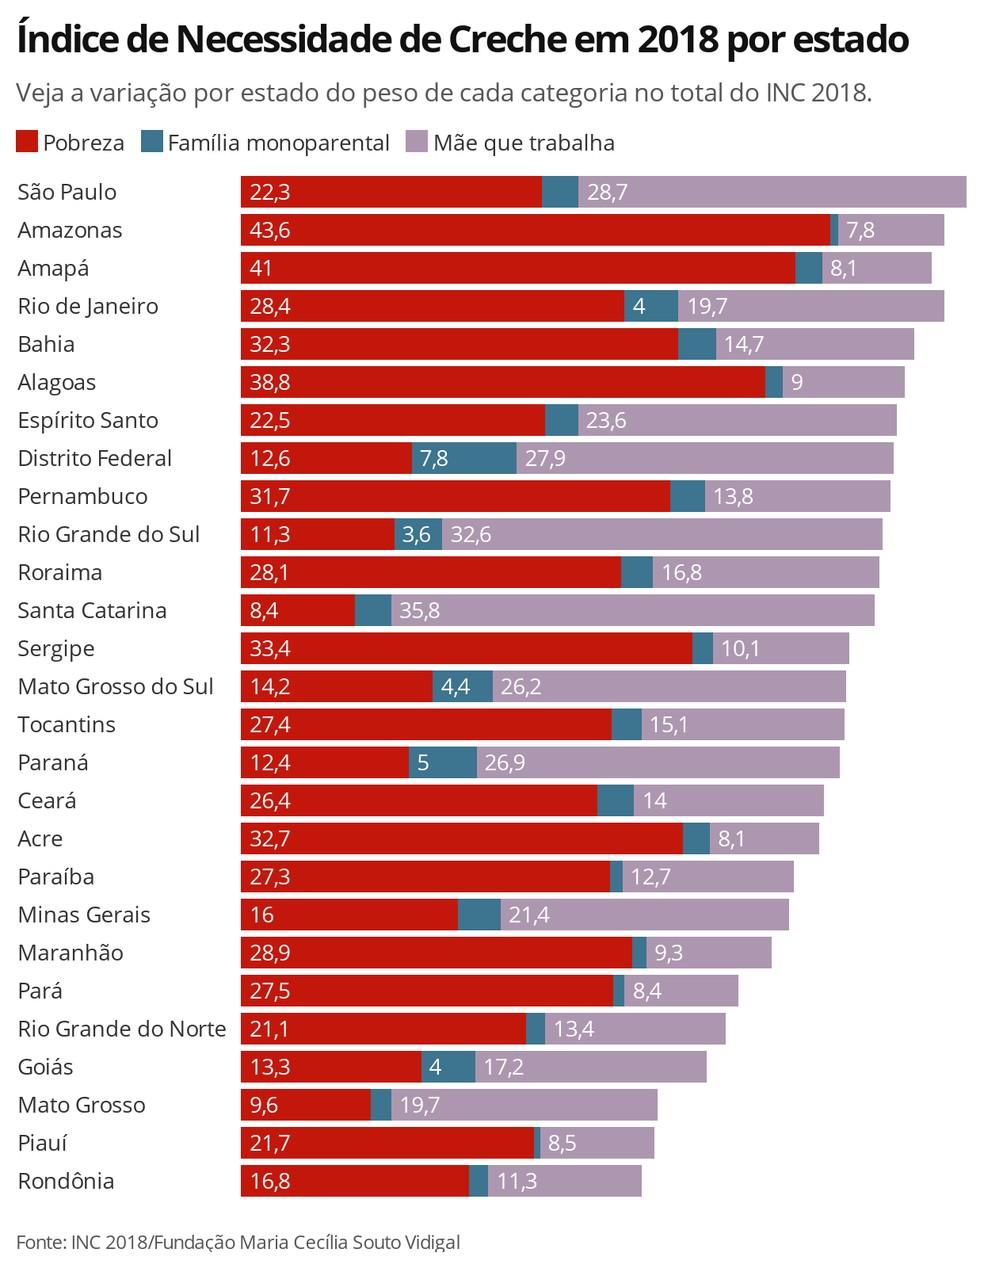 Veja a tabela com o INC detalhado de cada estado brasileiro  — Foto: Ana Carolina Moreno/TV Globo